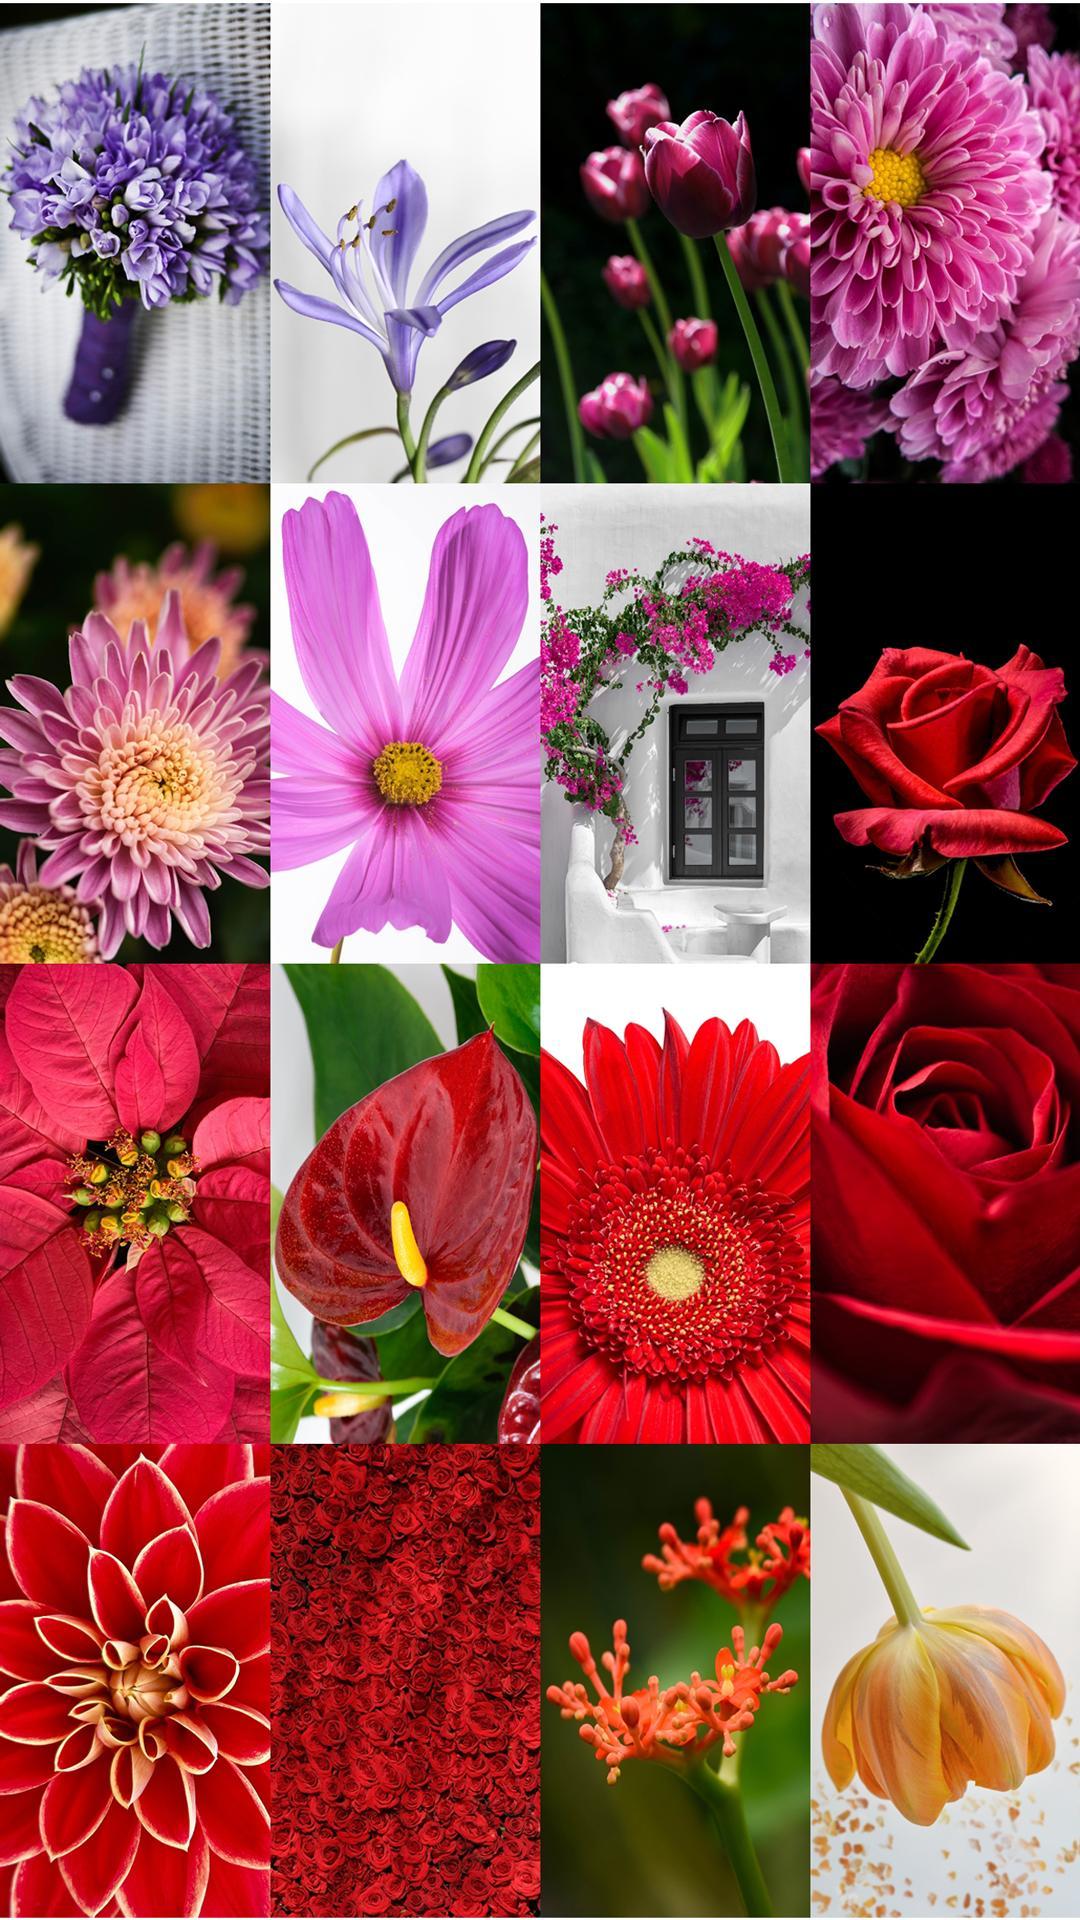 Download 2000+ Wallpaper Bunga Yg Indah  Paling Keren